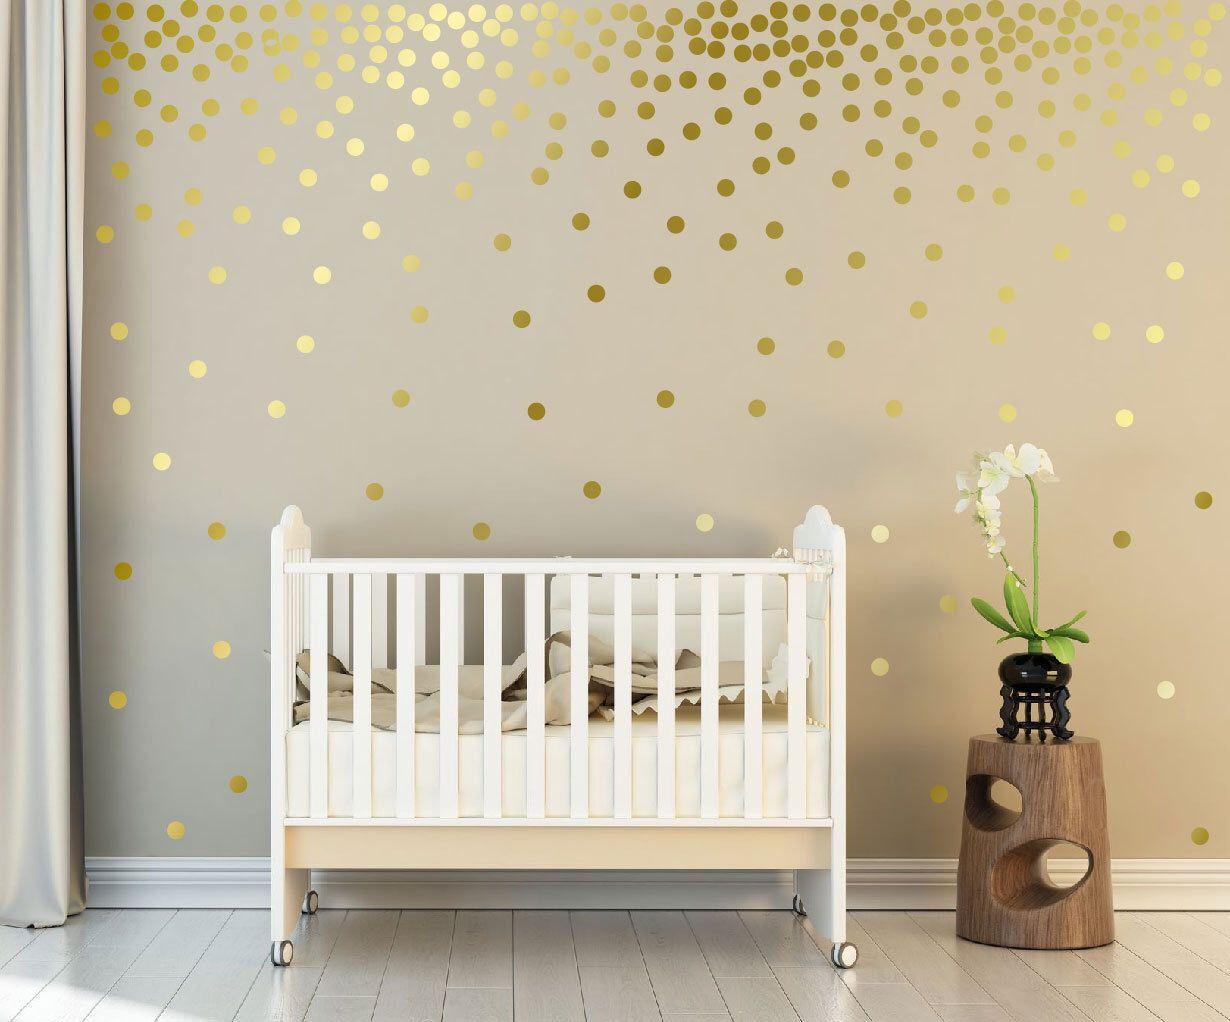 Metallic Gold Wall Decals Polka Dots